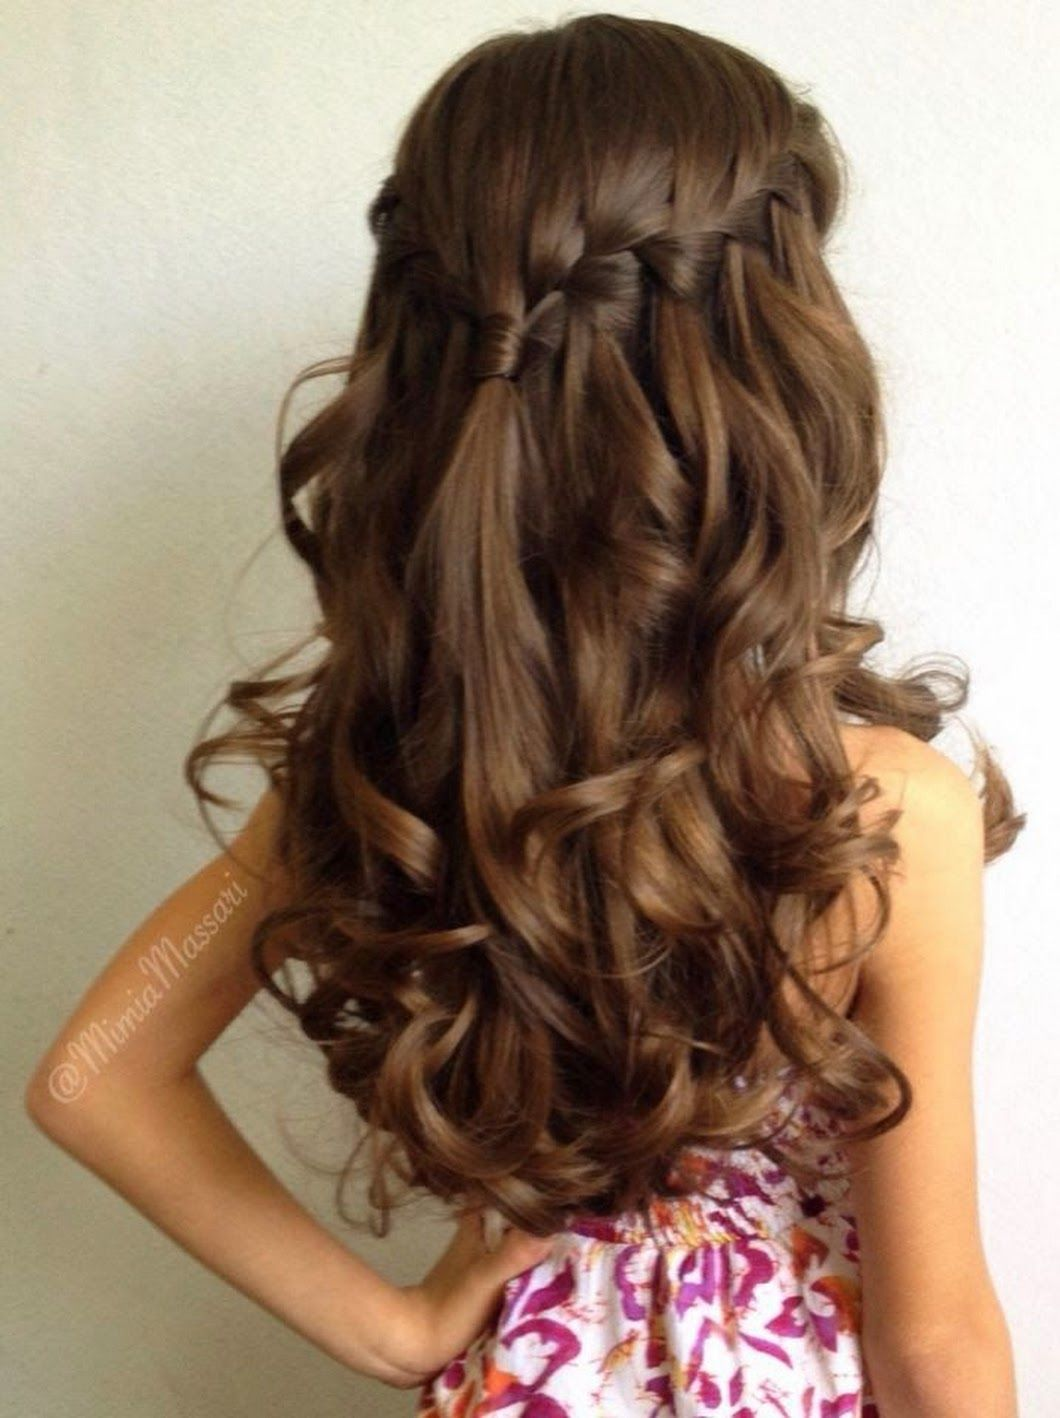 Pin Von Lisbeth Reyes Auf Hair Pinterest Haar Ideen Frisur Und